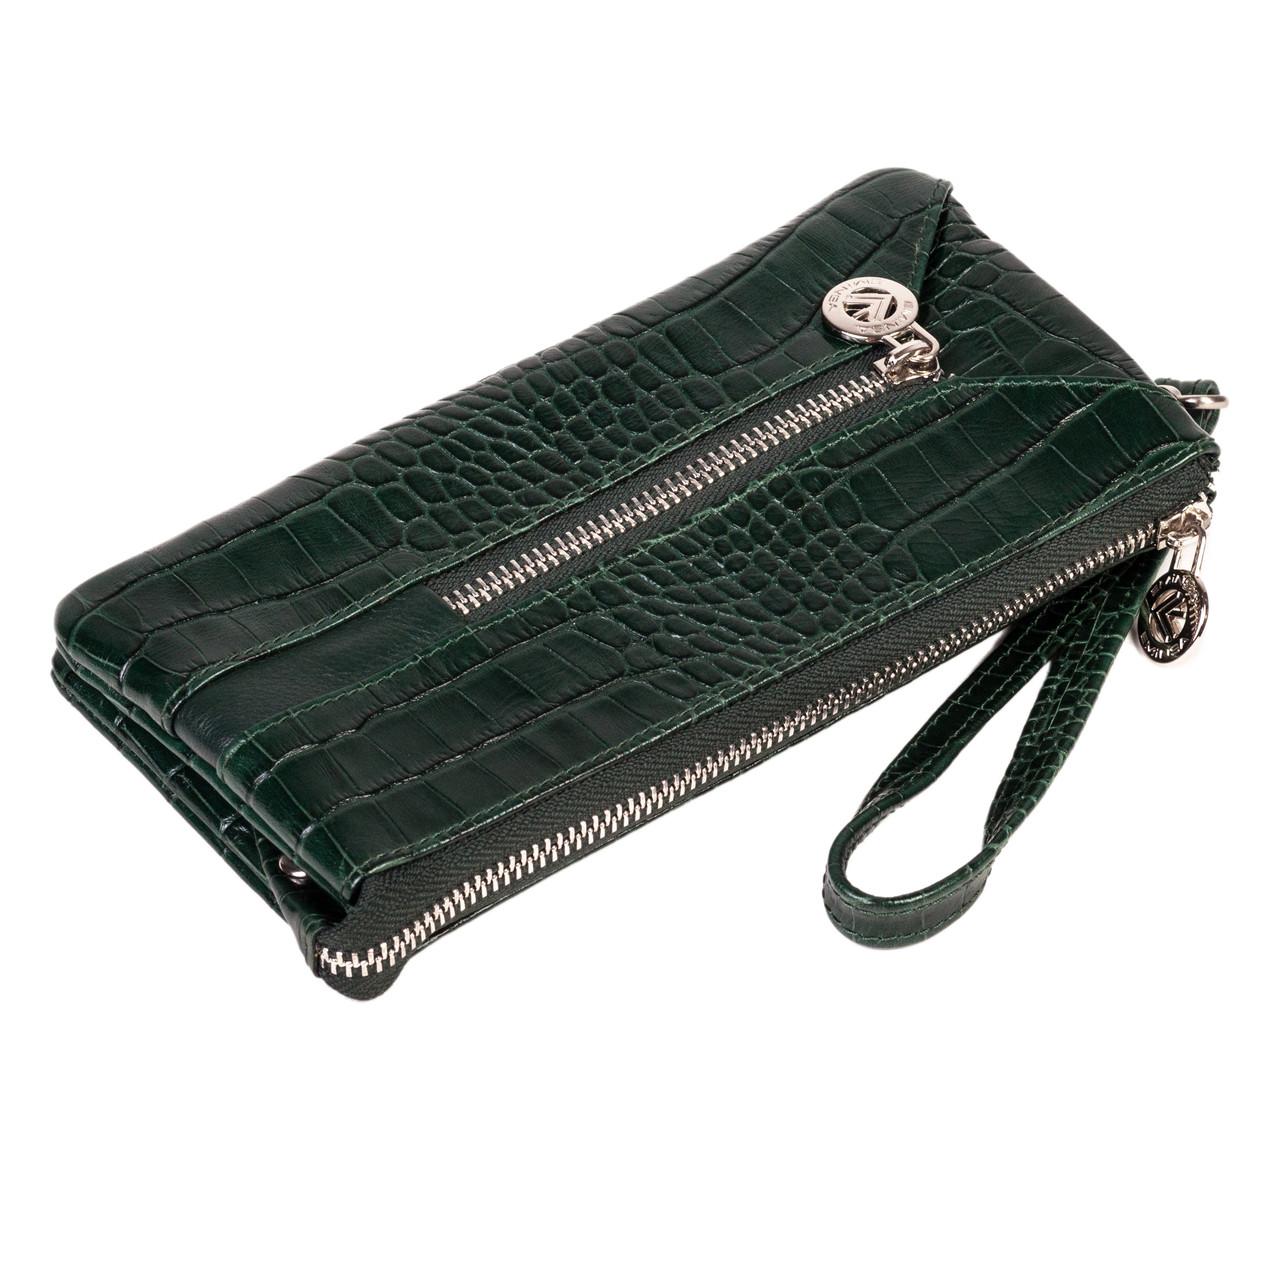 Мужской клатч Eminsa 2123-4-16 с отделением для ключей кожаный зелёный